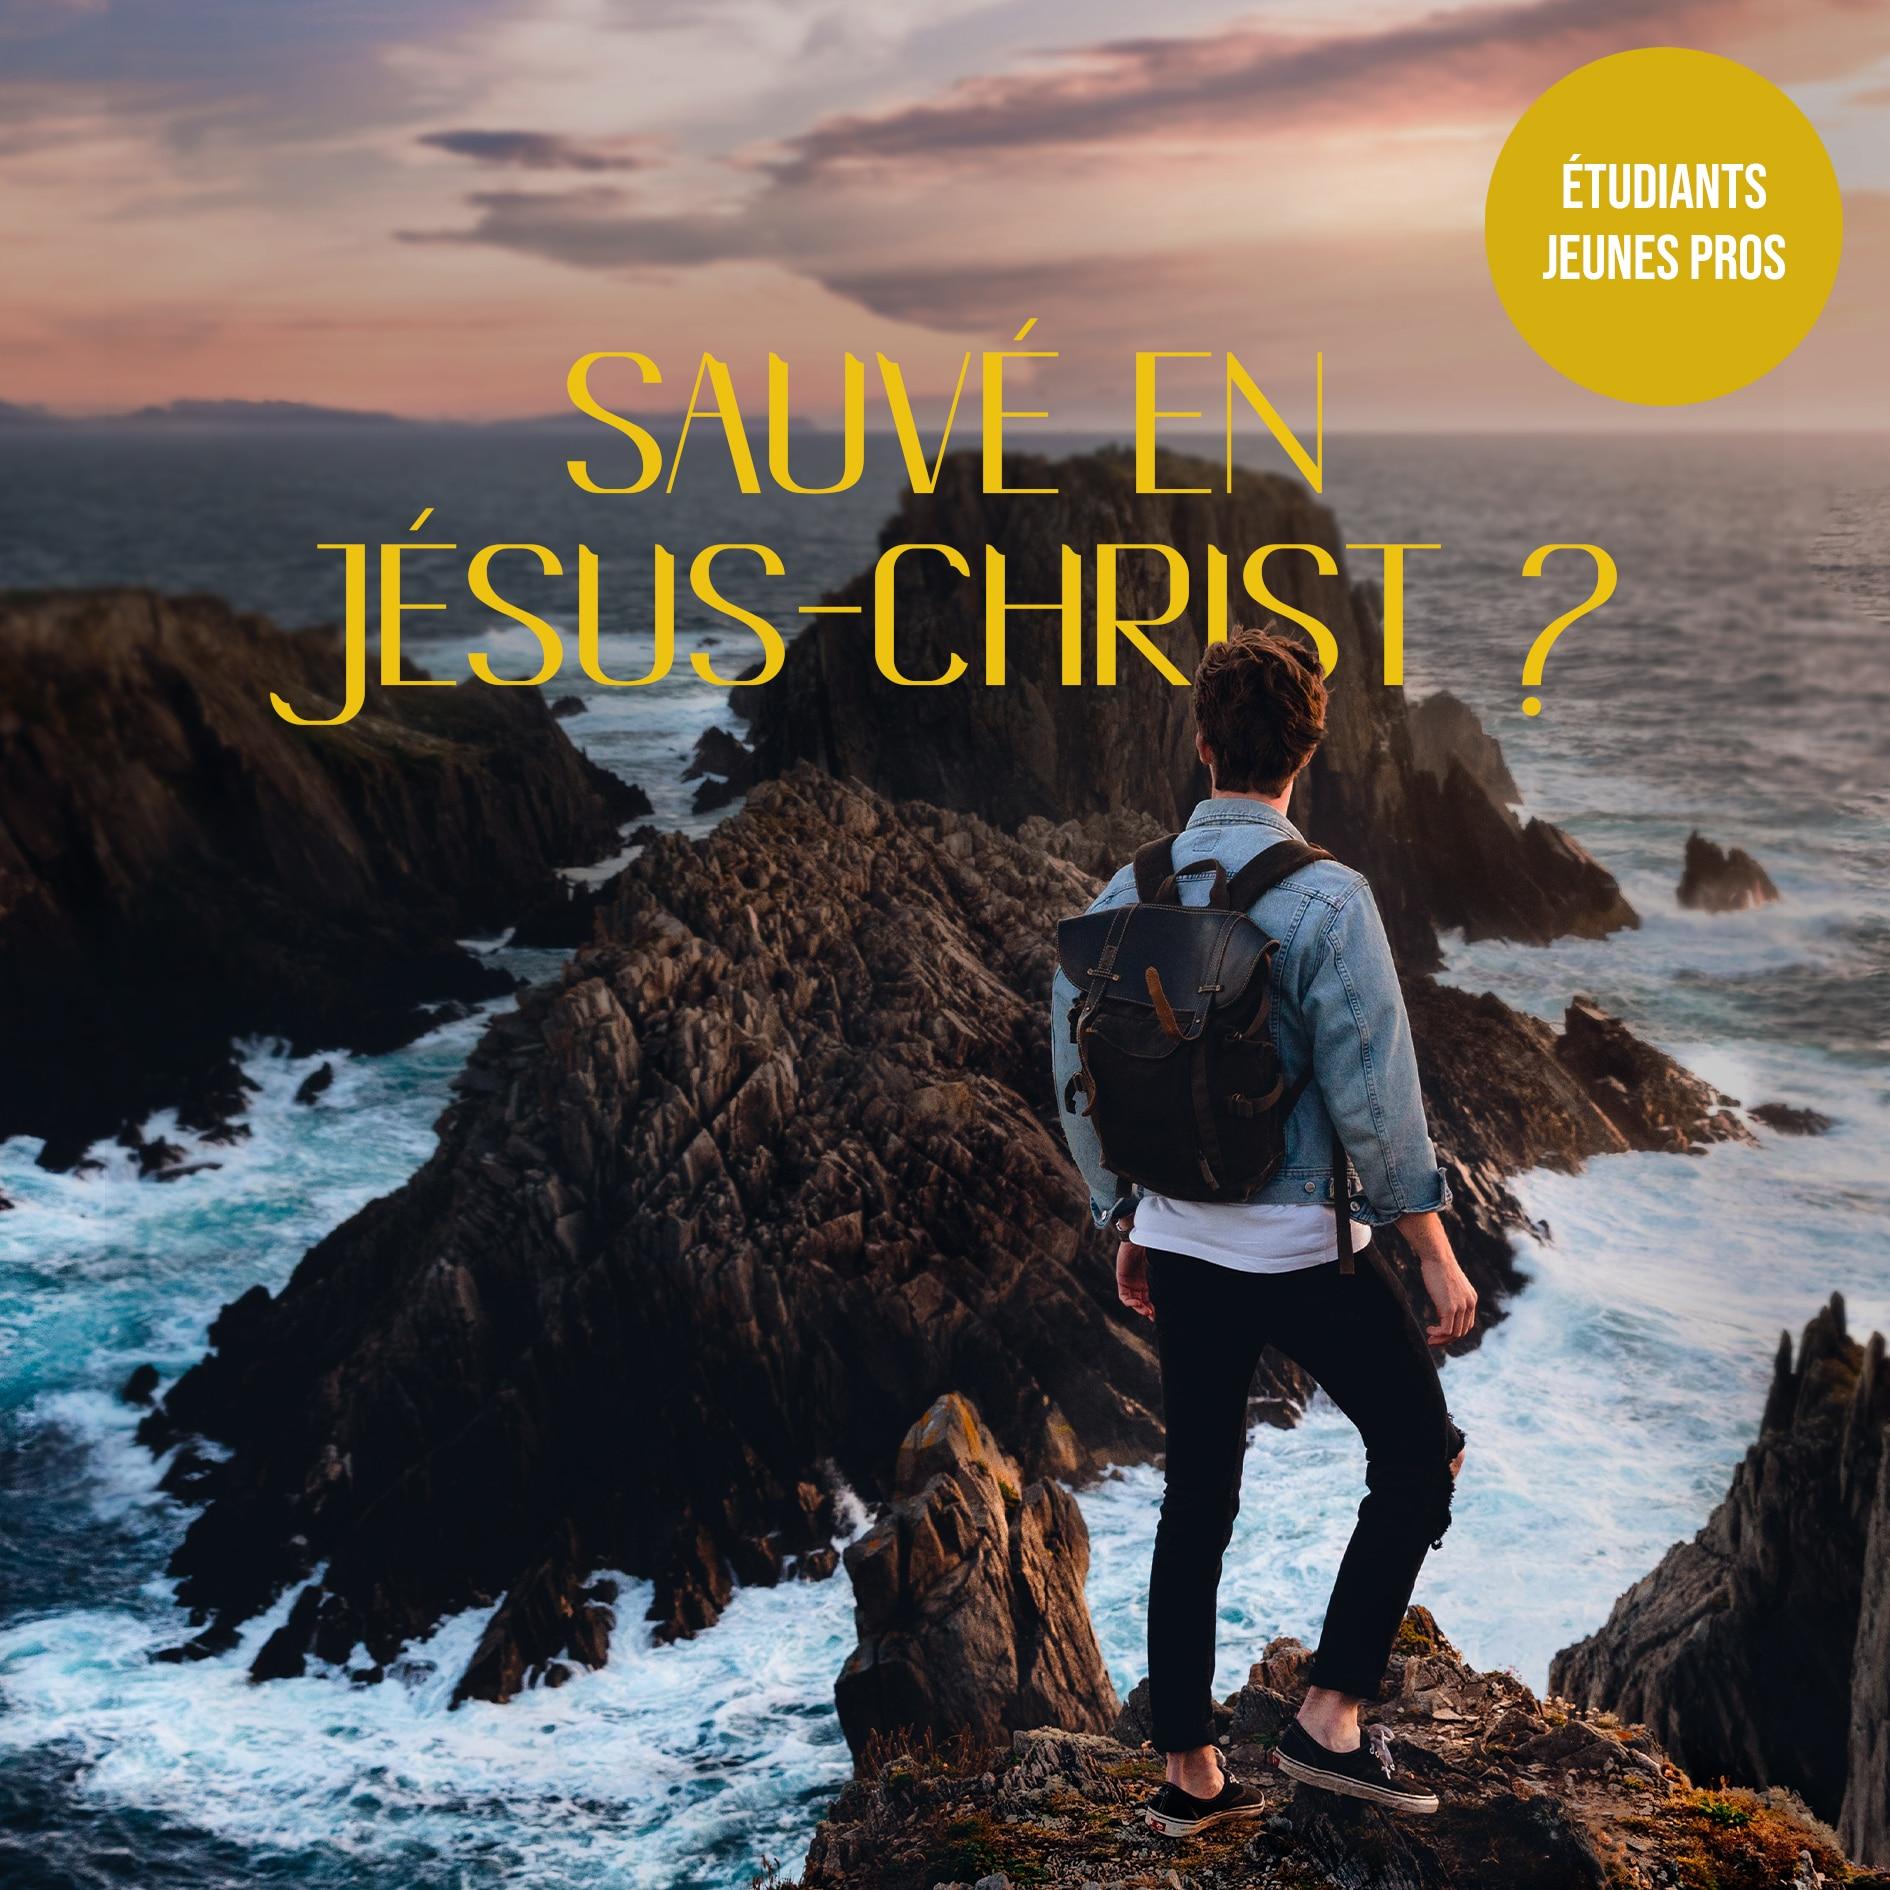 SAUVÉS EN JESUS-CHRIST ?